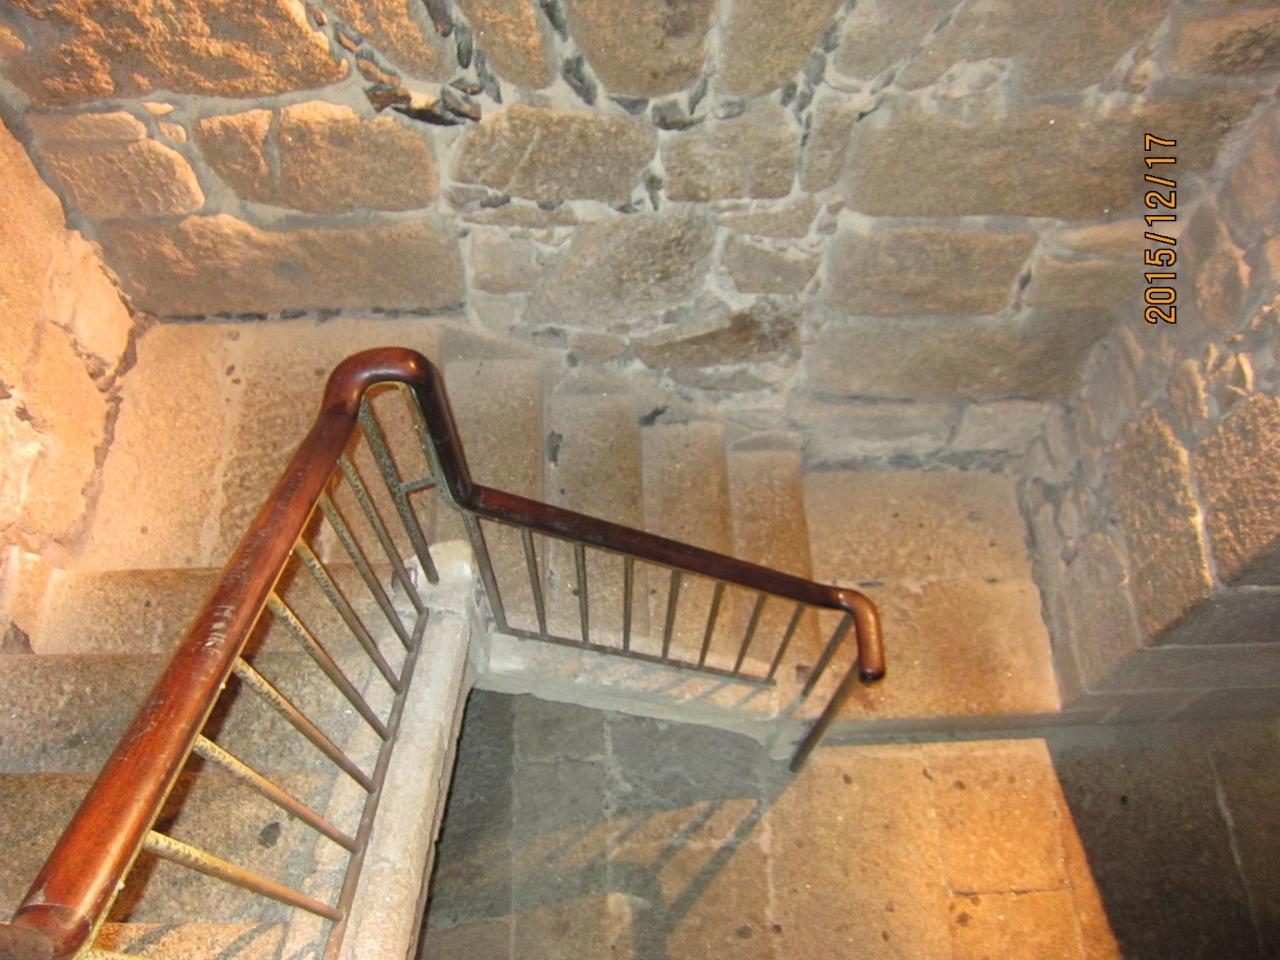 ヘラクレスの塔の画像 p1_35